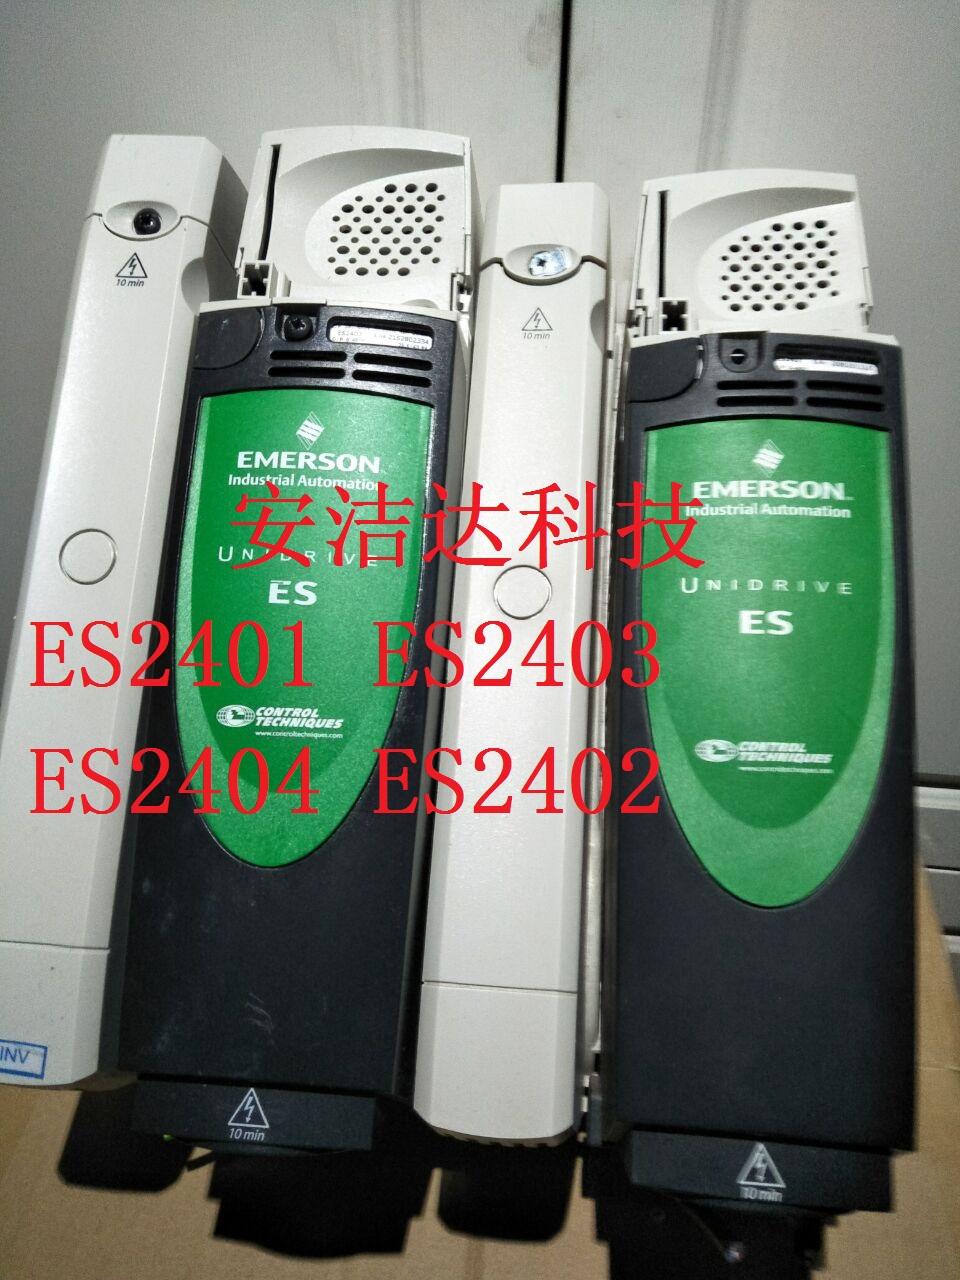 Placa mãe original ES2401ES2402ES2403ES2404 Emerson drive Placa de acessórios